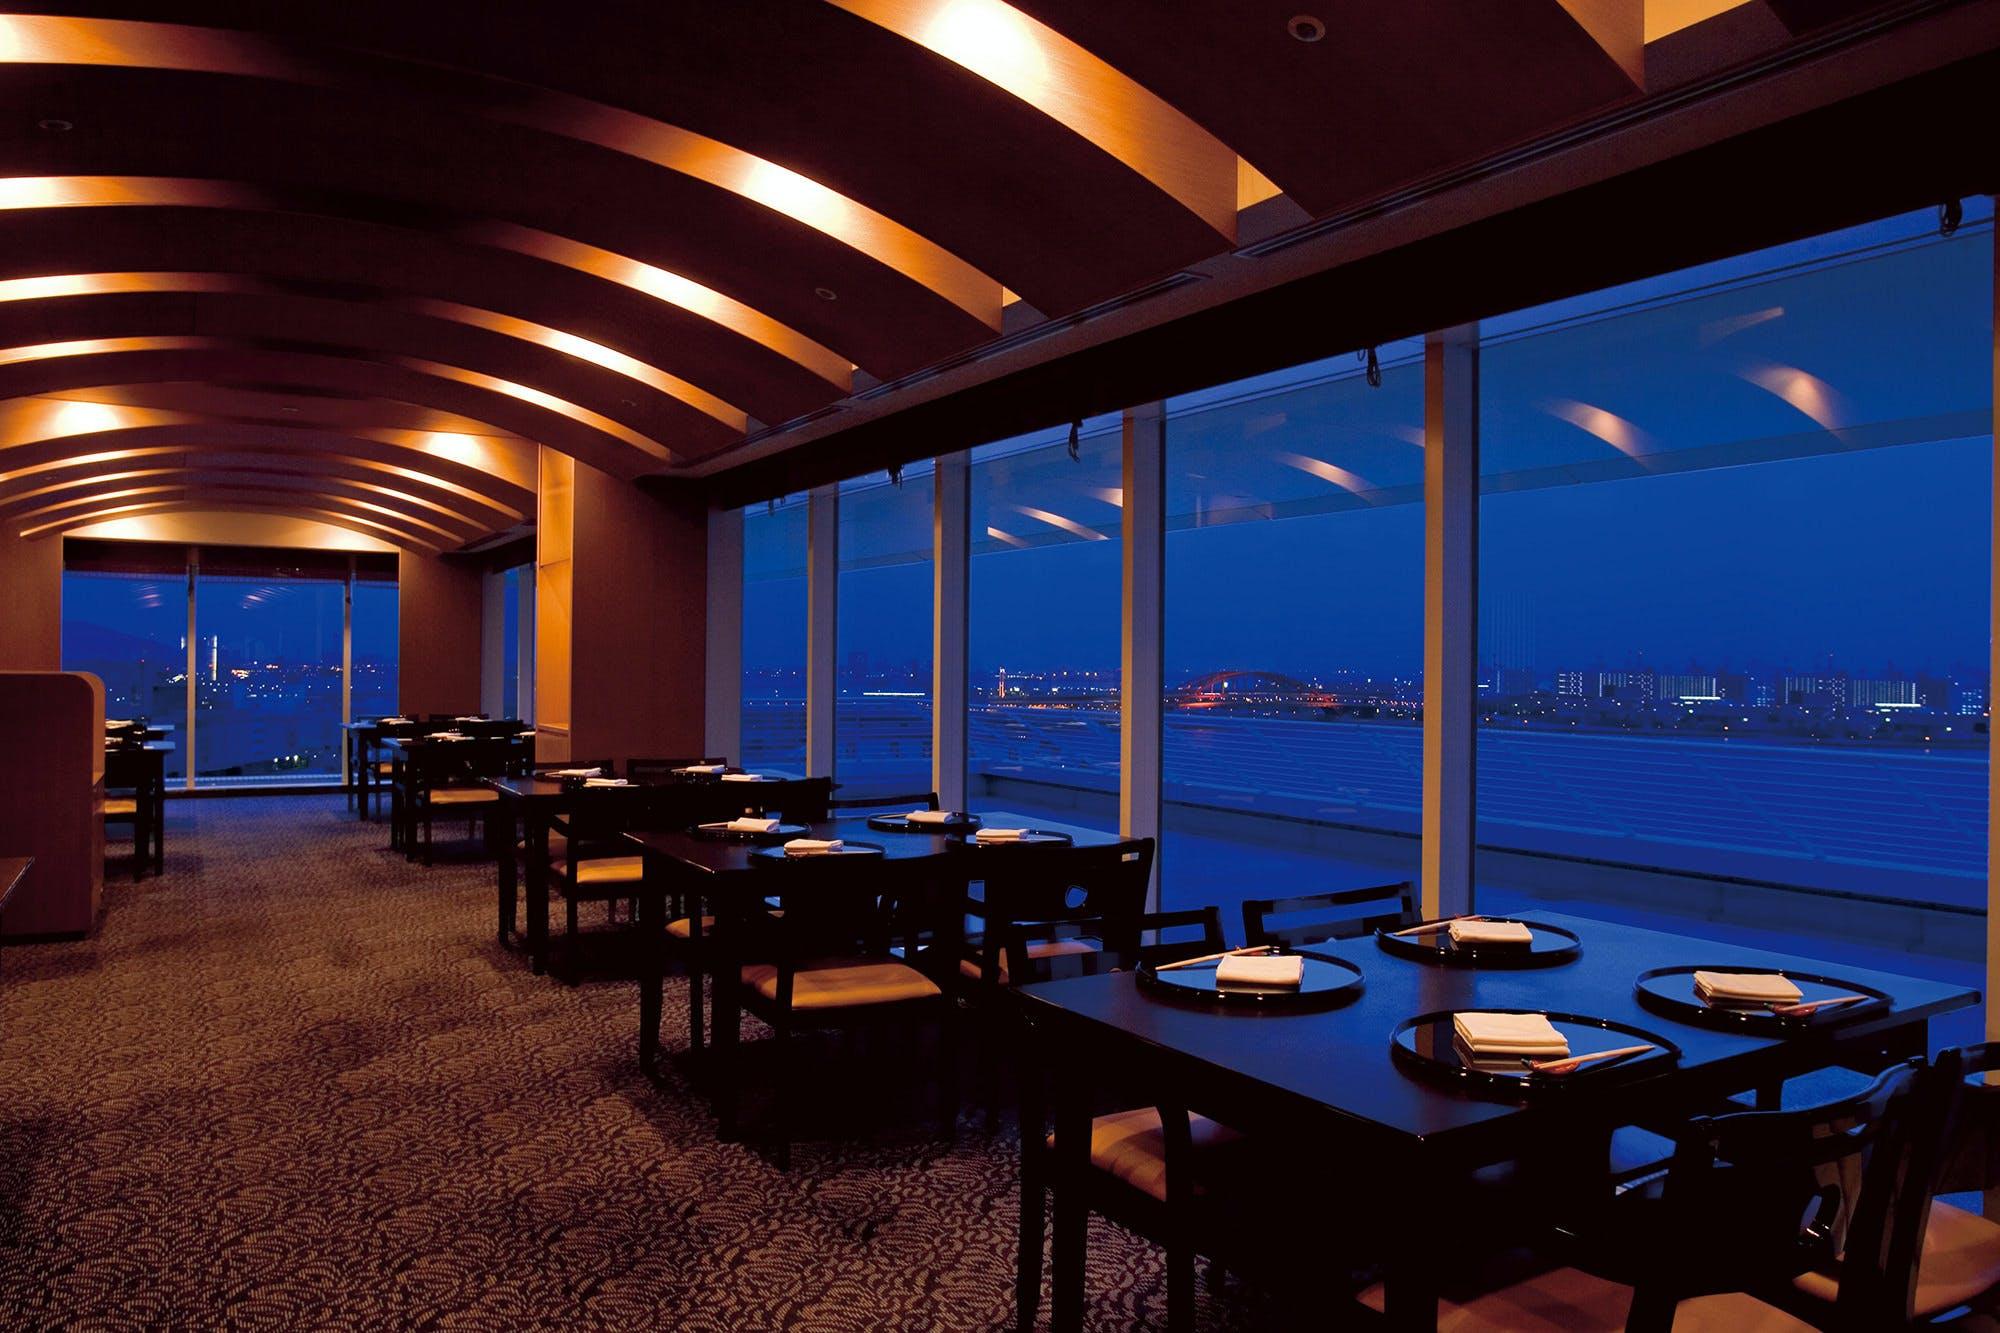 石庭/神戸メリケンパークオリエンタルホテル